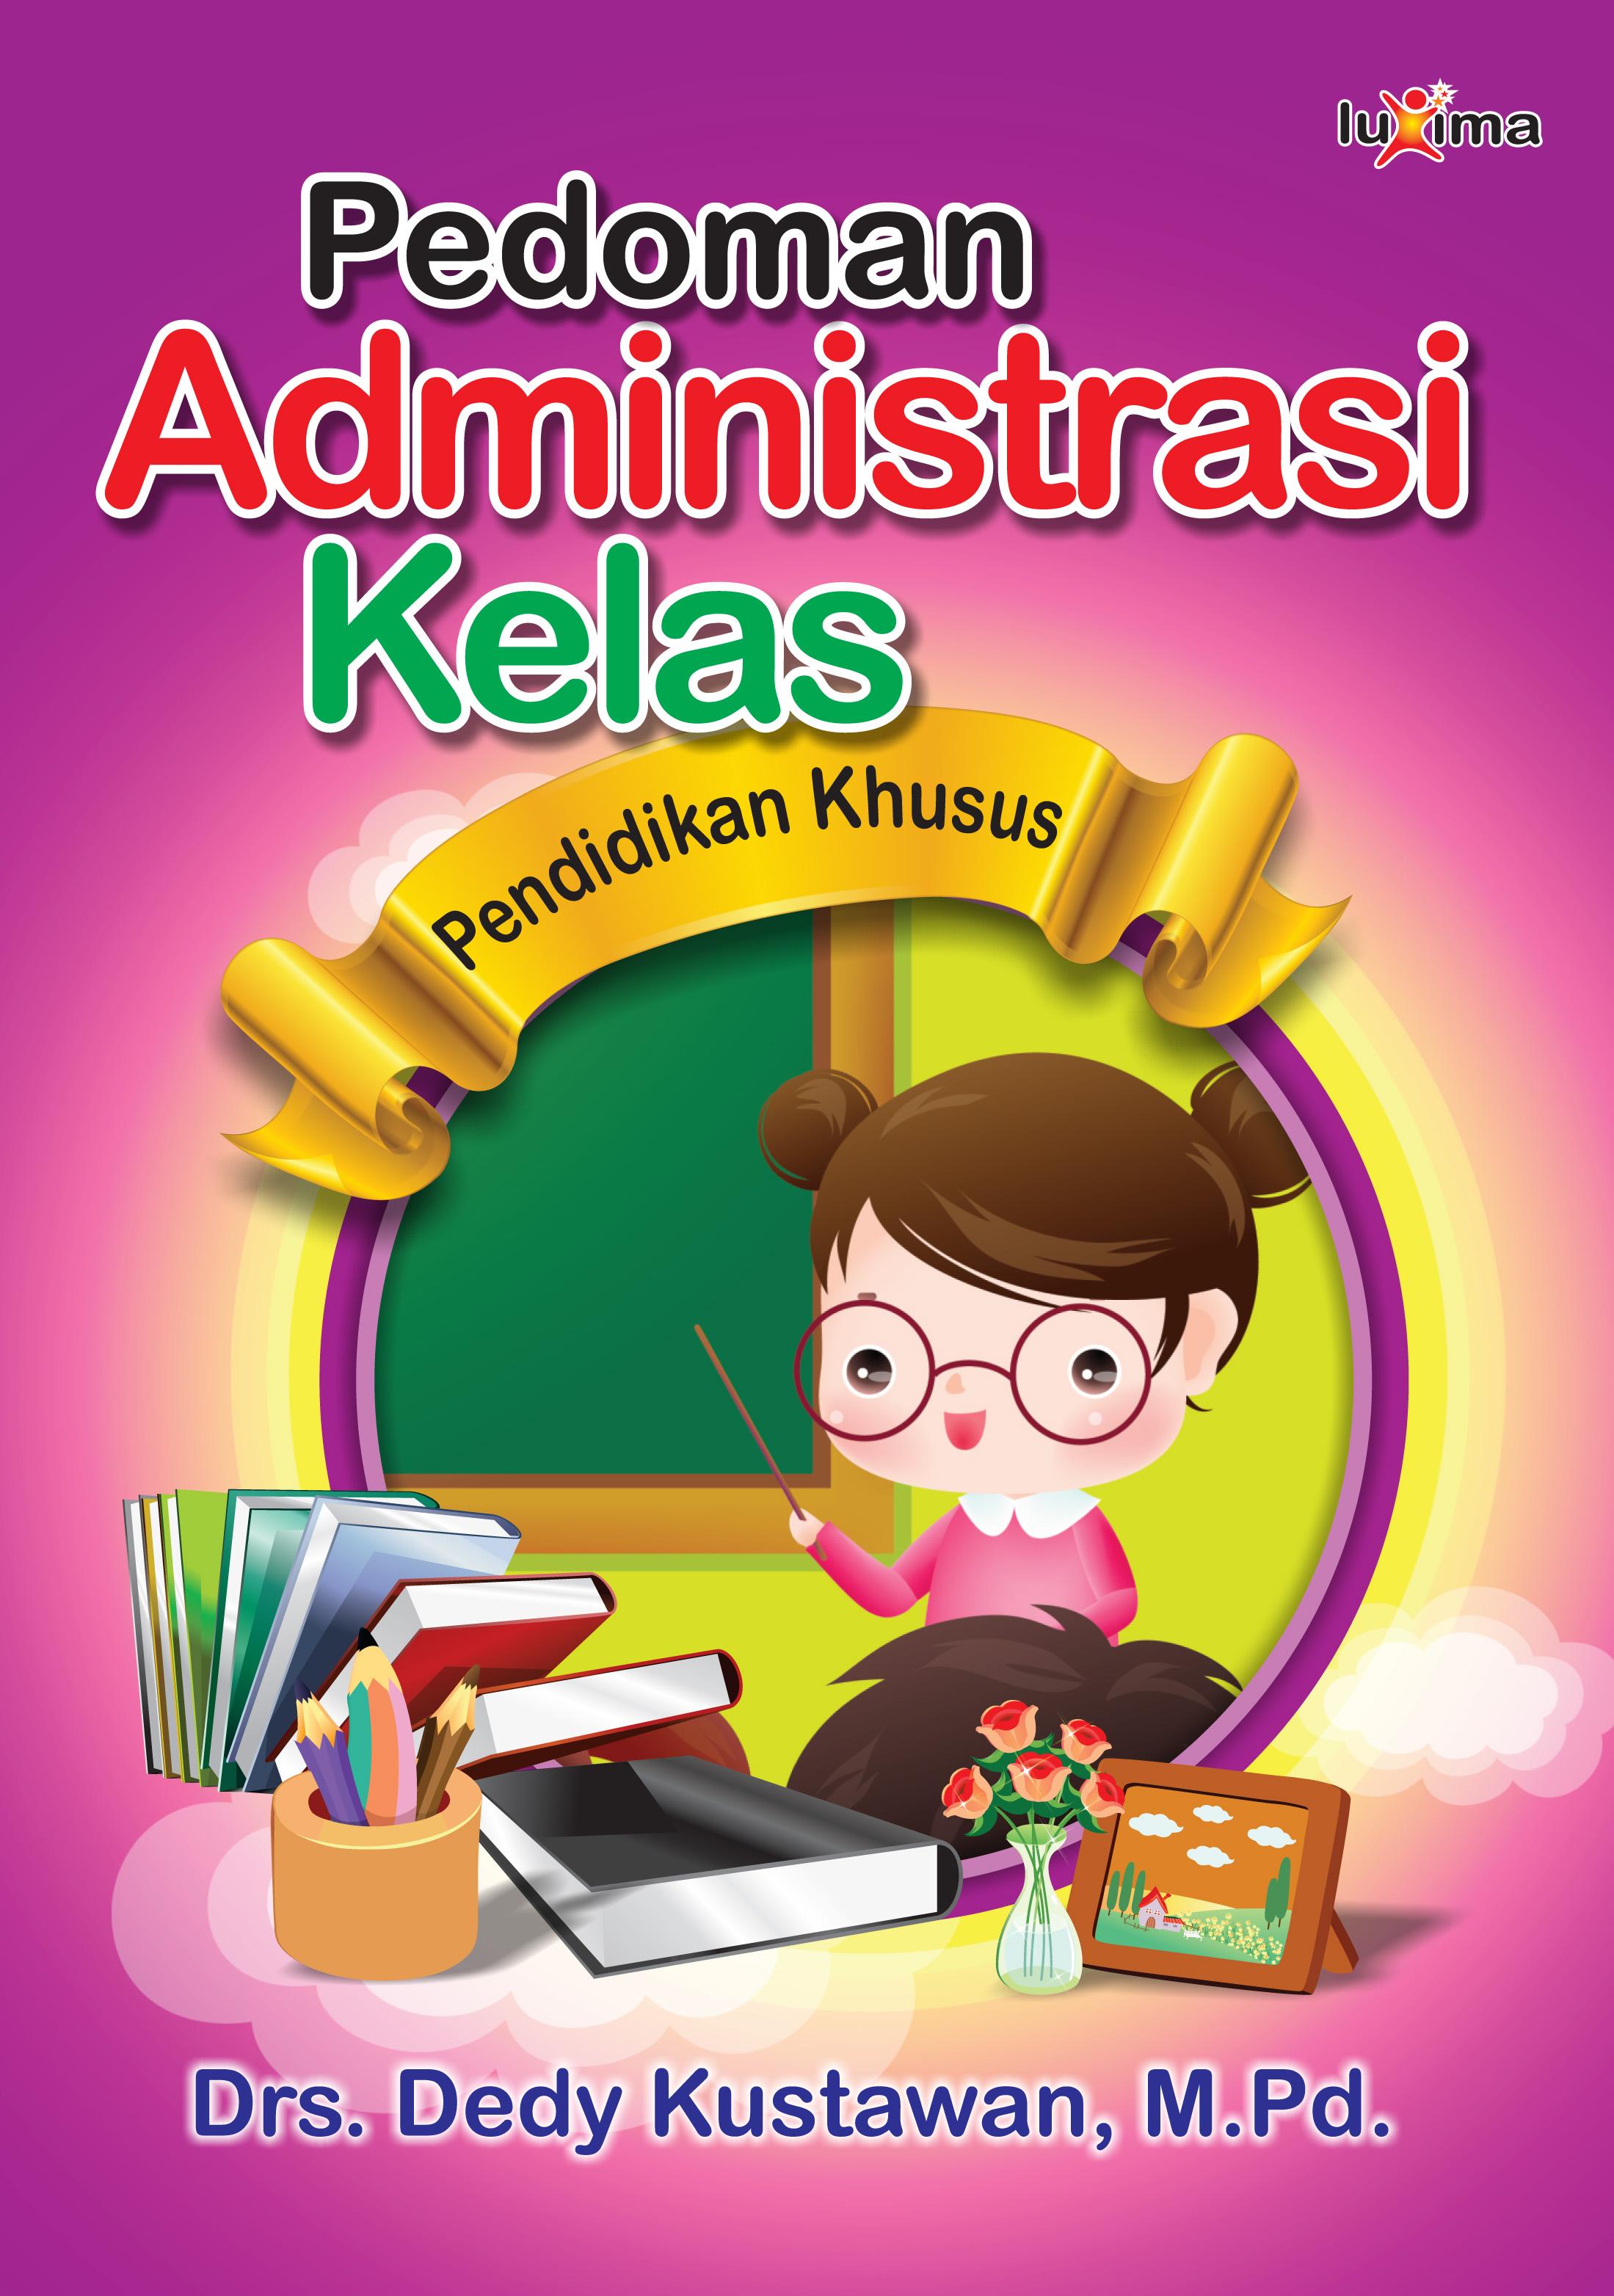 Pedoman administrasi kelas pendidikan khusus [sumber elektronis]